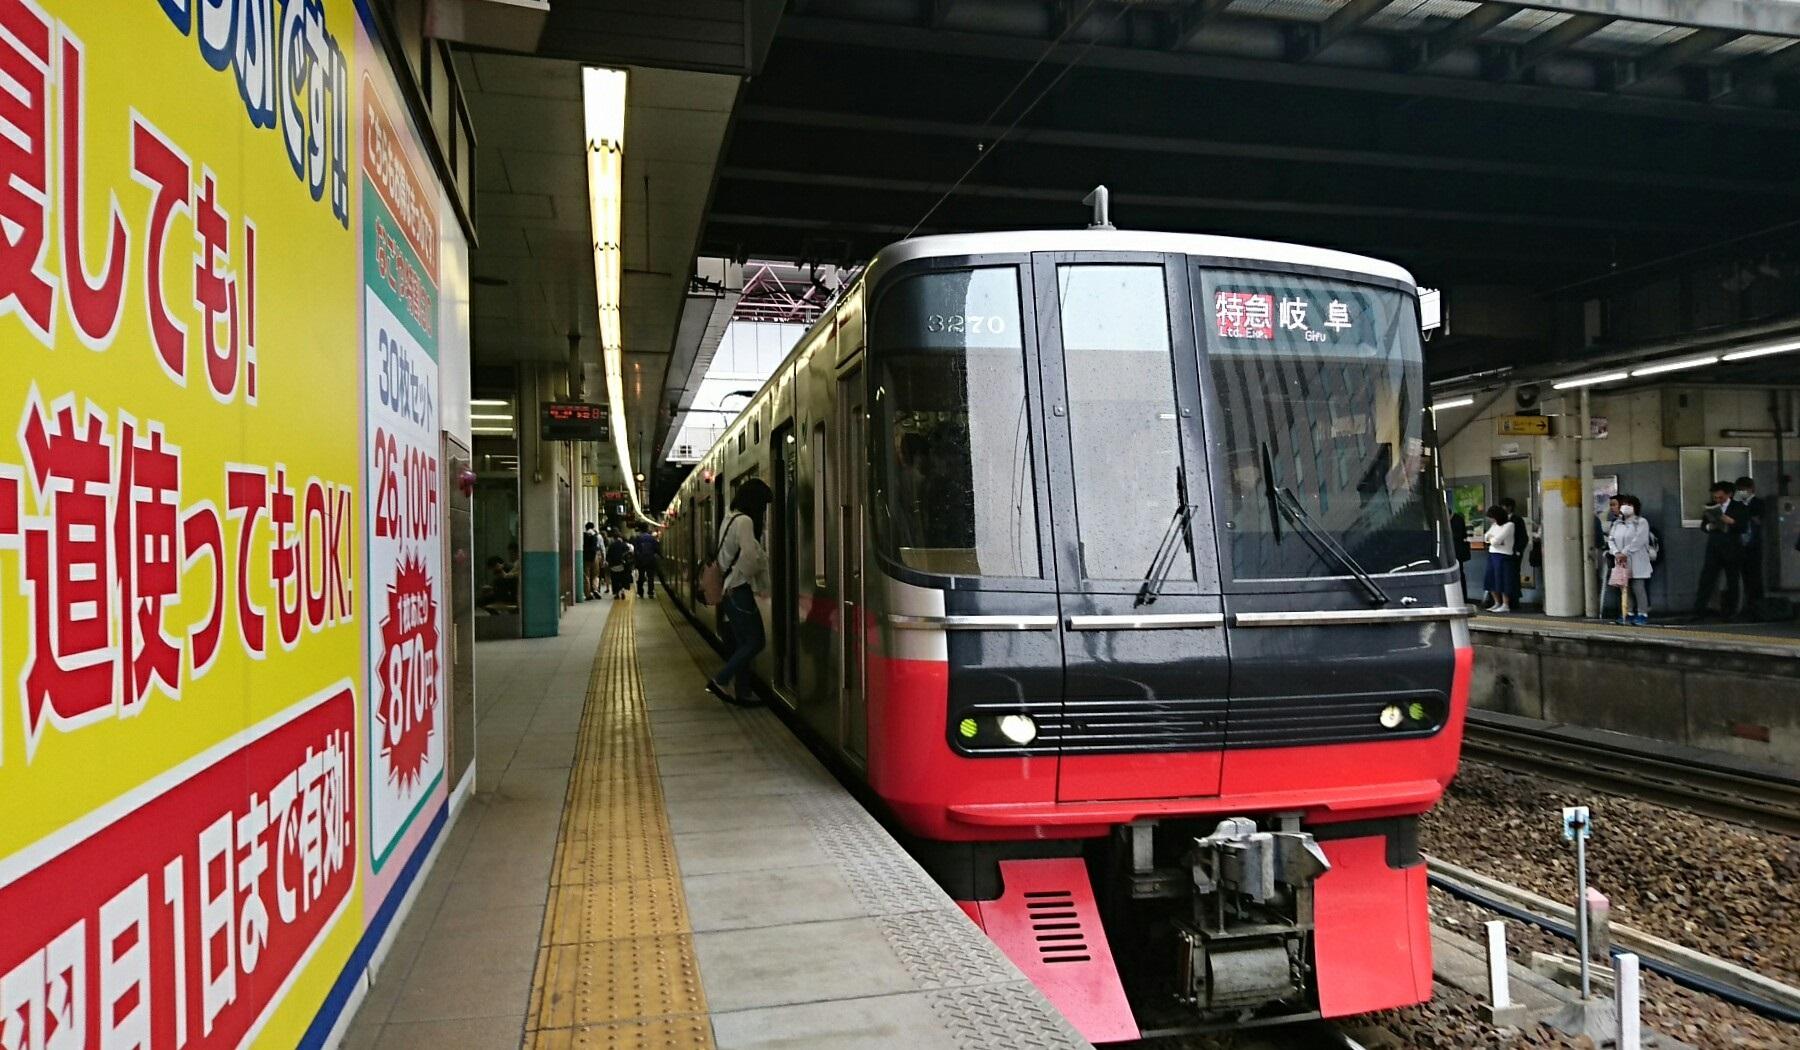 2018.4.24 名古屋 (5) 金山 - 岐阜いき特急 1800-1050